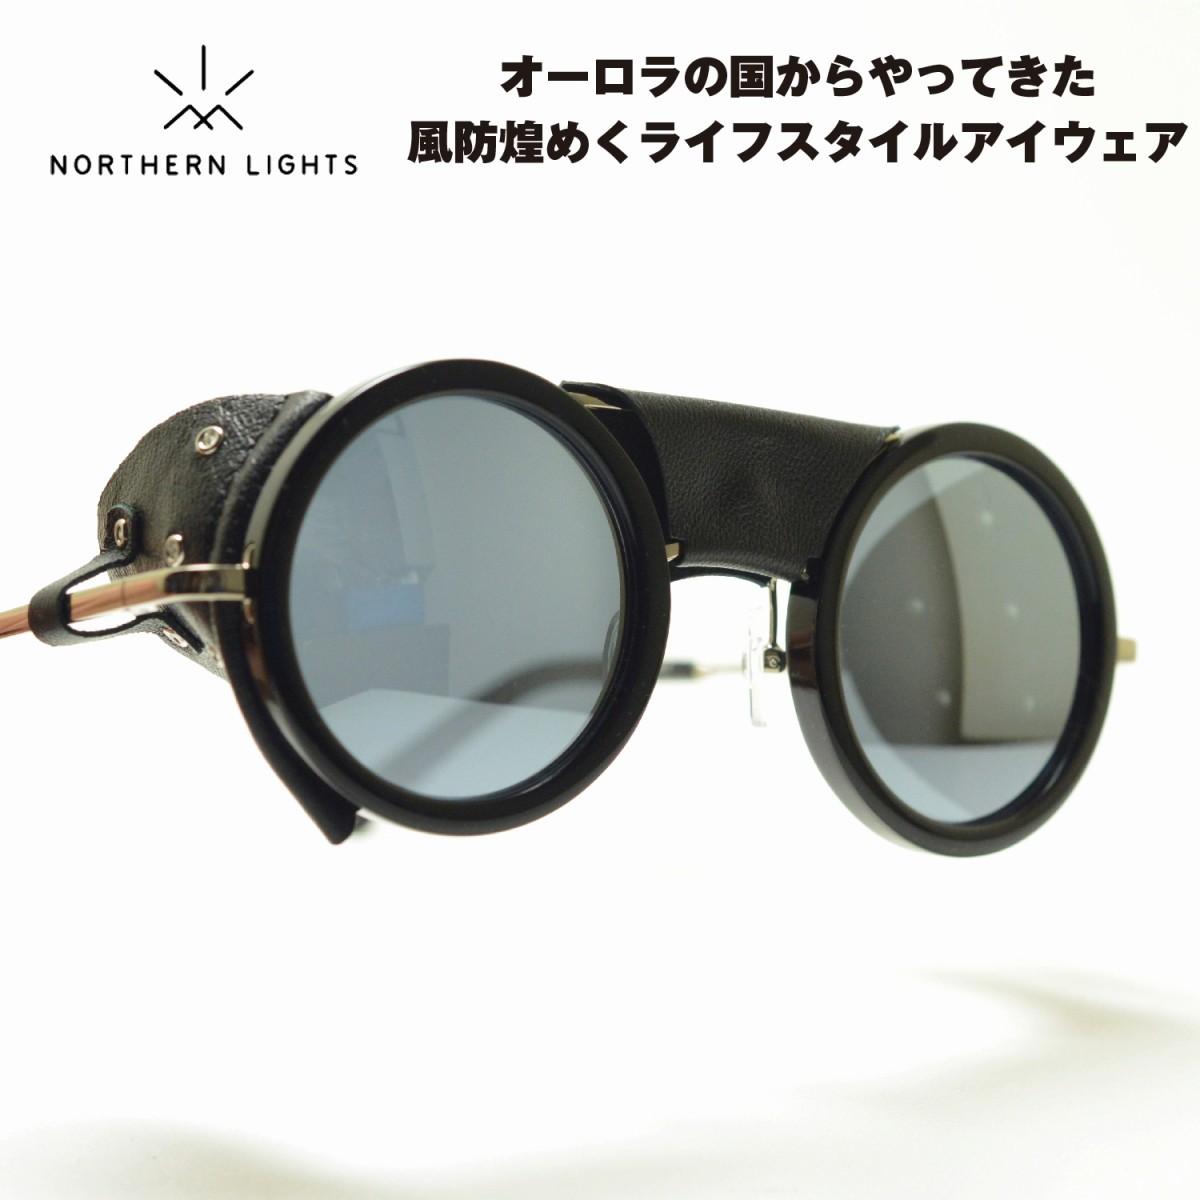 NORTHERN LIGHTS ノーザンライツ NL-7-015 ブラック/オーロラシルバーミラーメガネ 眼鏡 めがね メンズ レディース おしゃれ ブランド 人気 おすすめ フレーム 流行り 度付き レンズ サングラス